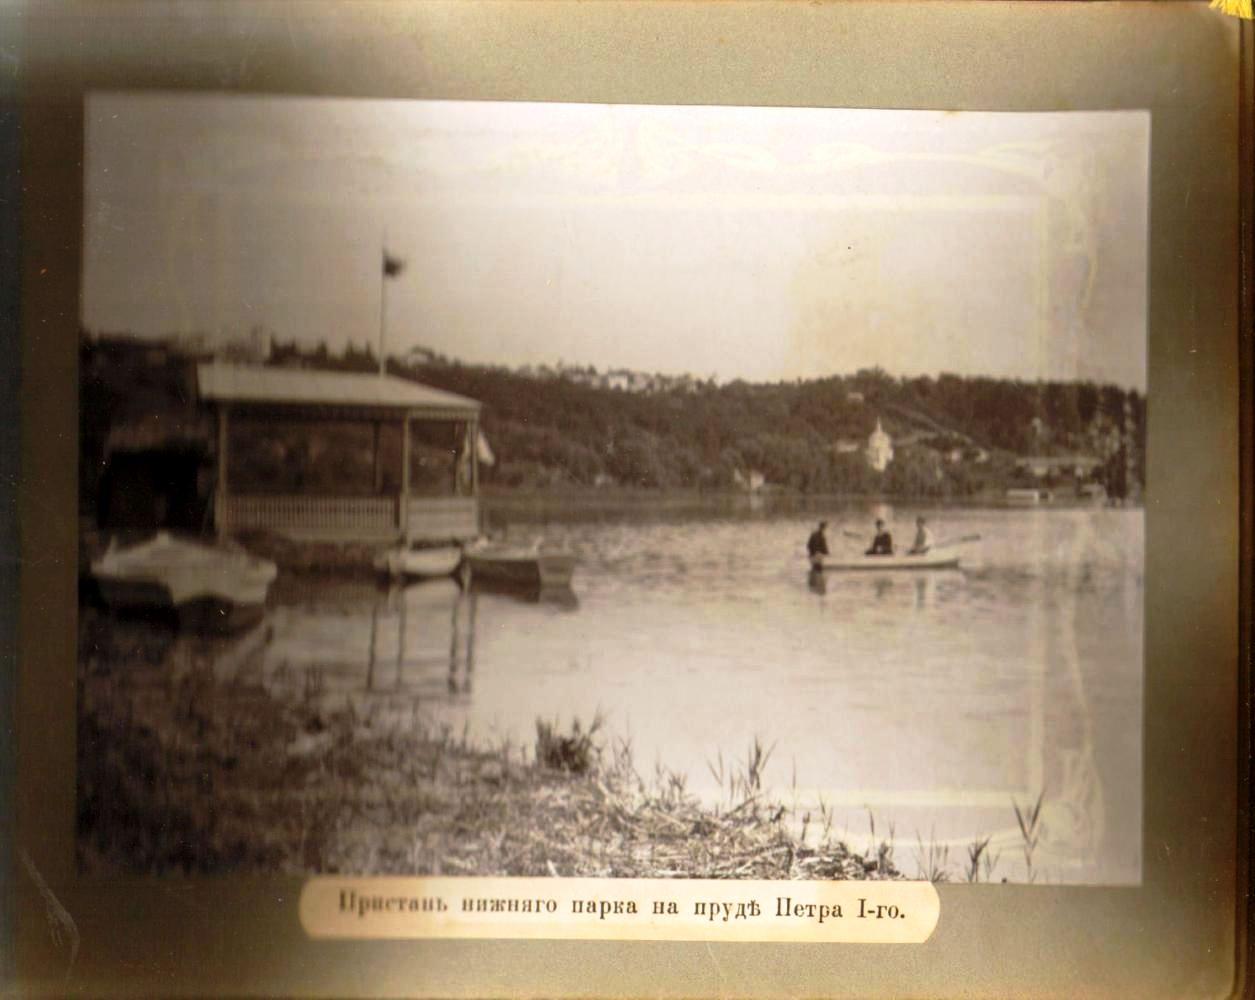 29. Пристань Нижнего парка на пруду Петра I